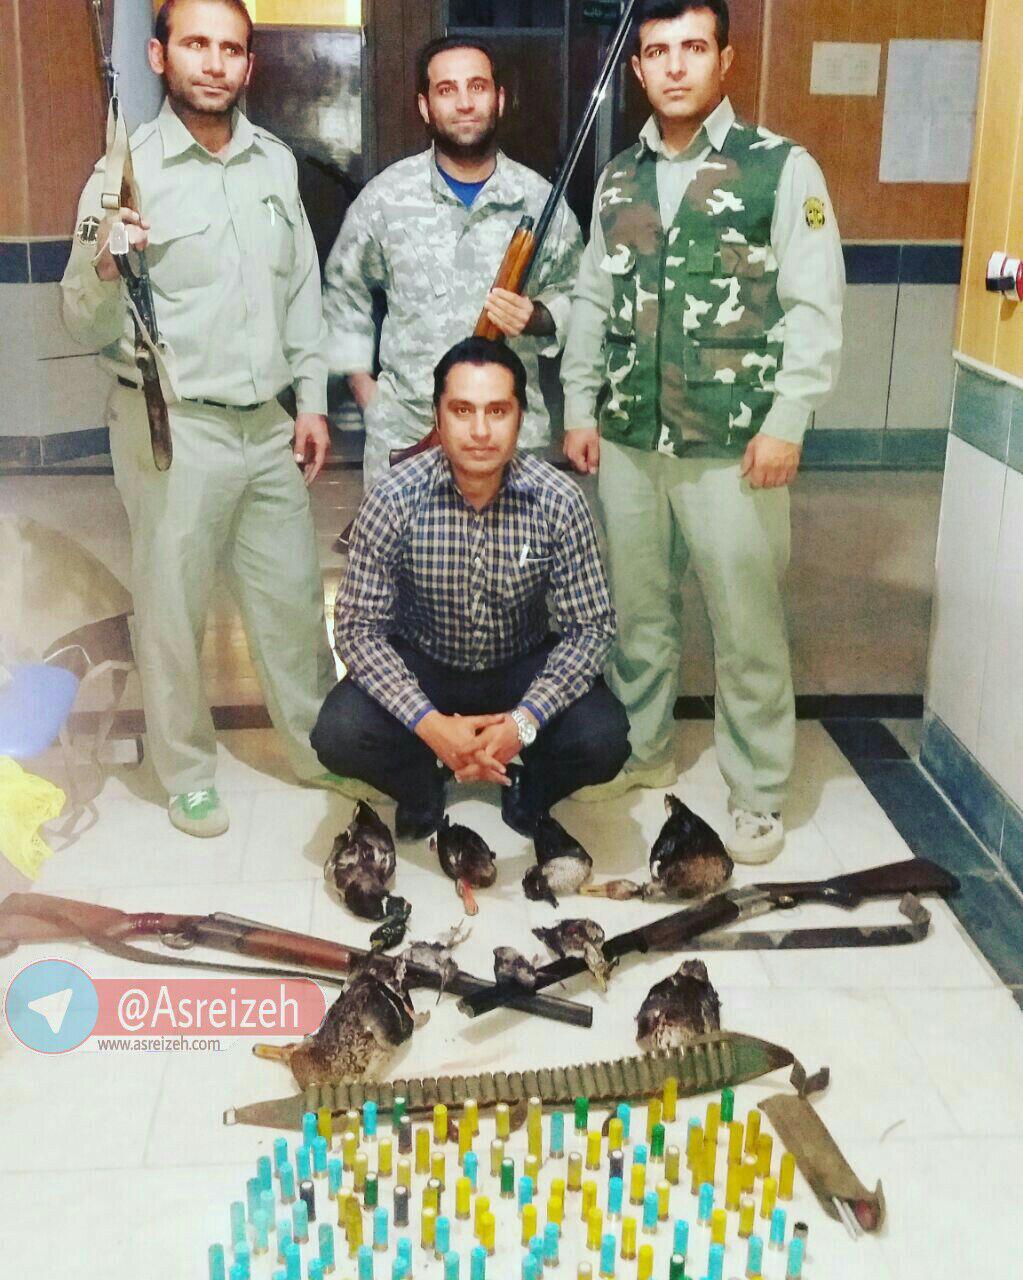 سه شکارچی اهوازی در تالاب میانگران ایذه دستگیر شدند